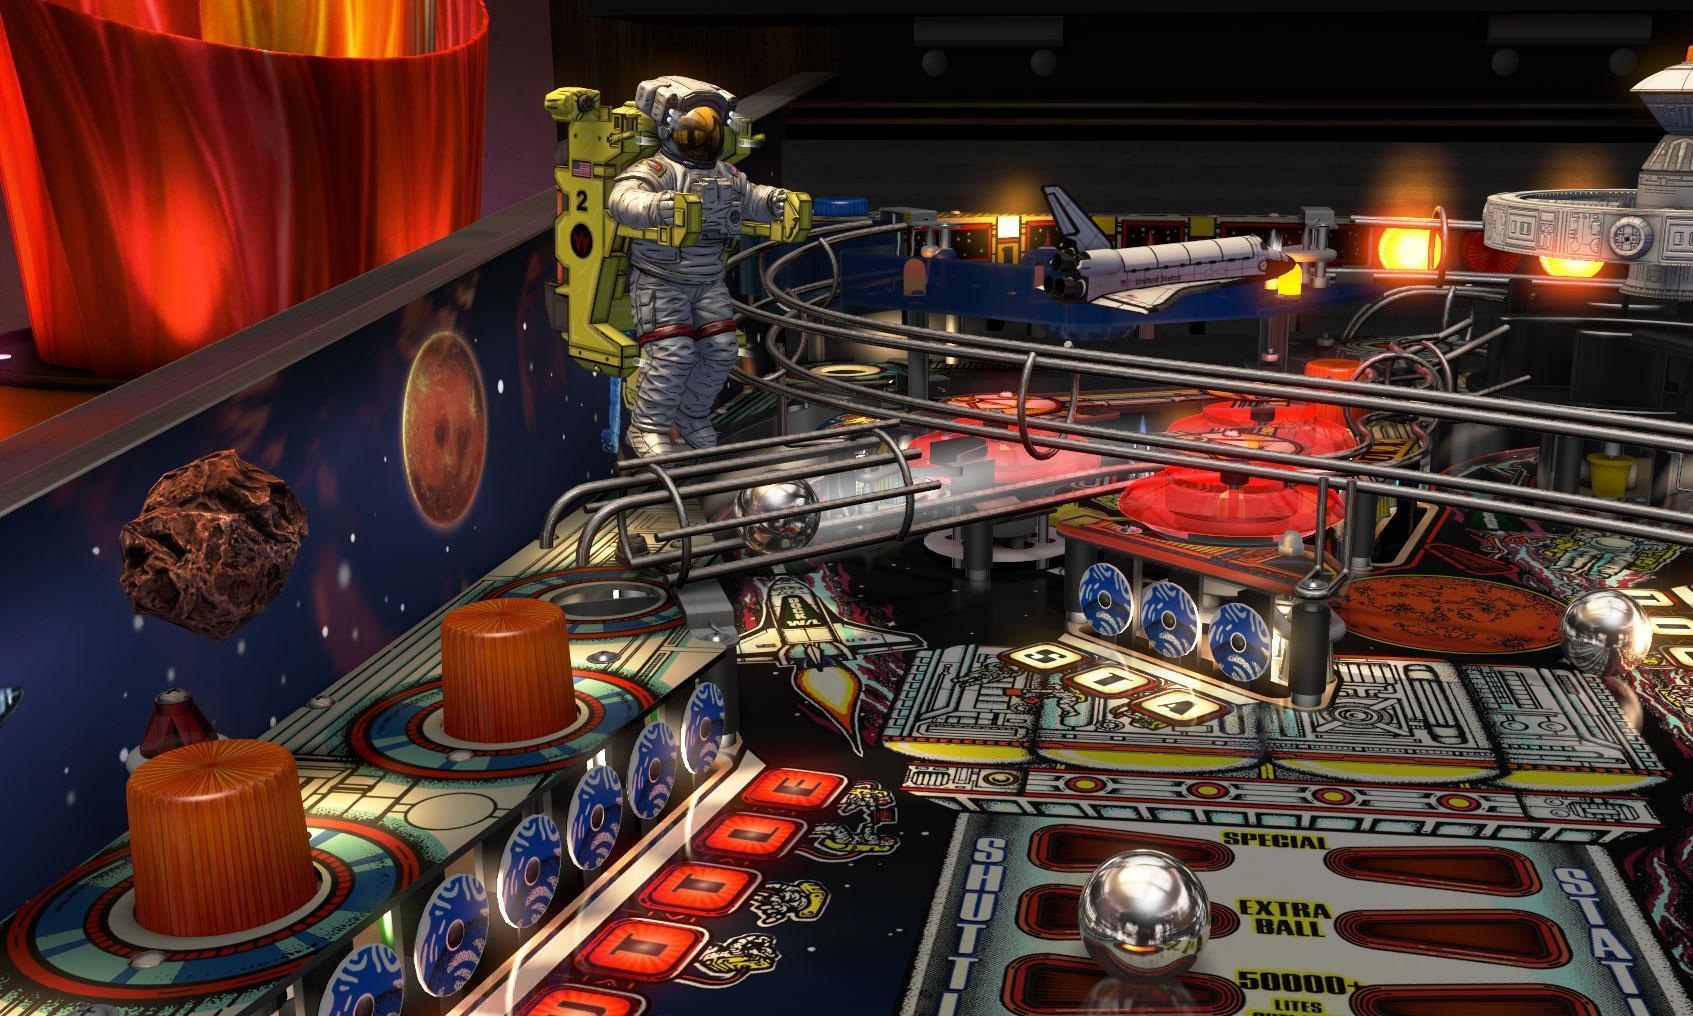 《三维弹球FX3》即将推出第六集威廉姆斯球台包